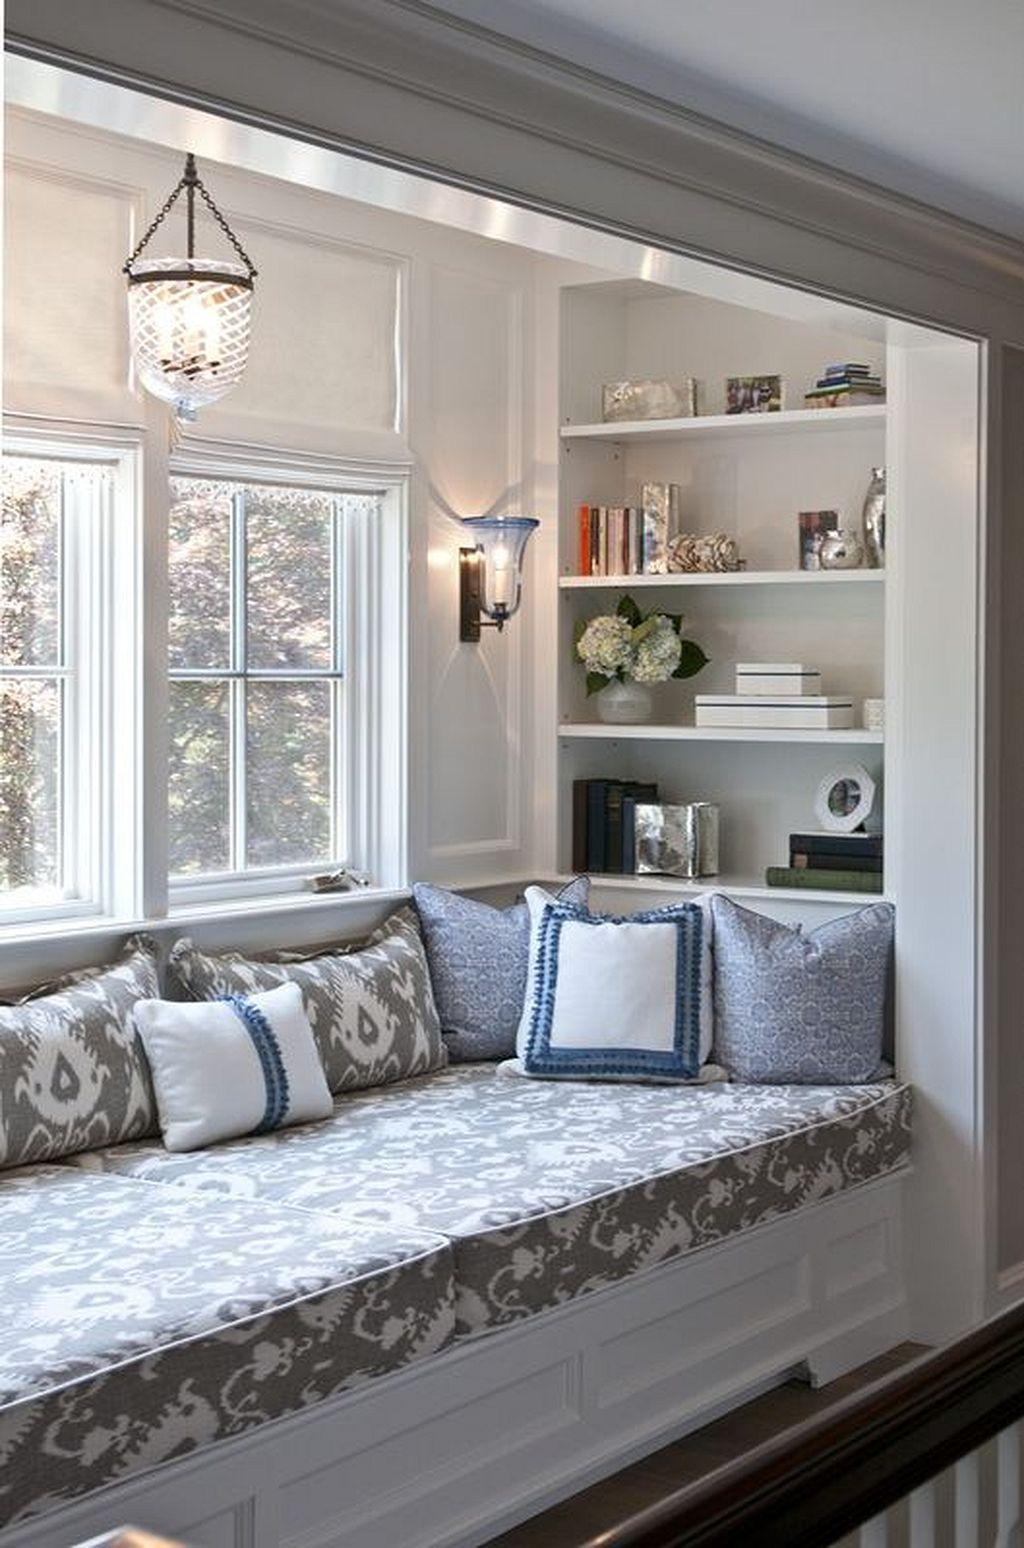 Great 80 Cozy Reading Bay Window Ideas Https Kidmagz Com 80 Cozy Reading Bay Window Ideas House Interior Remodel Bedroom Window Seat Kitchen